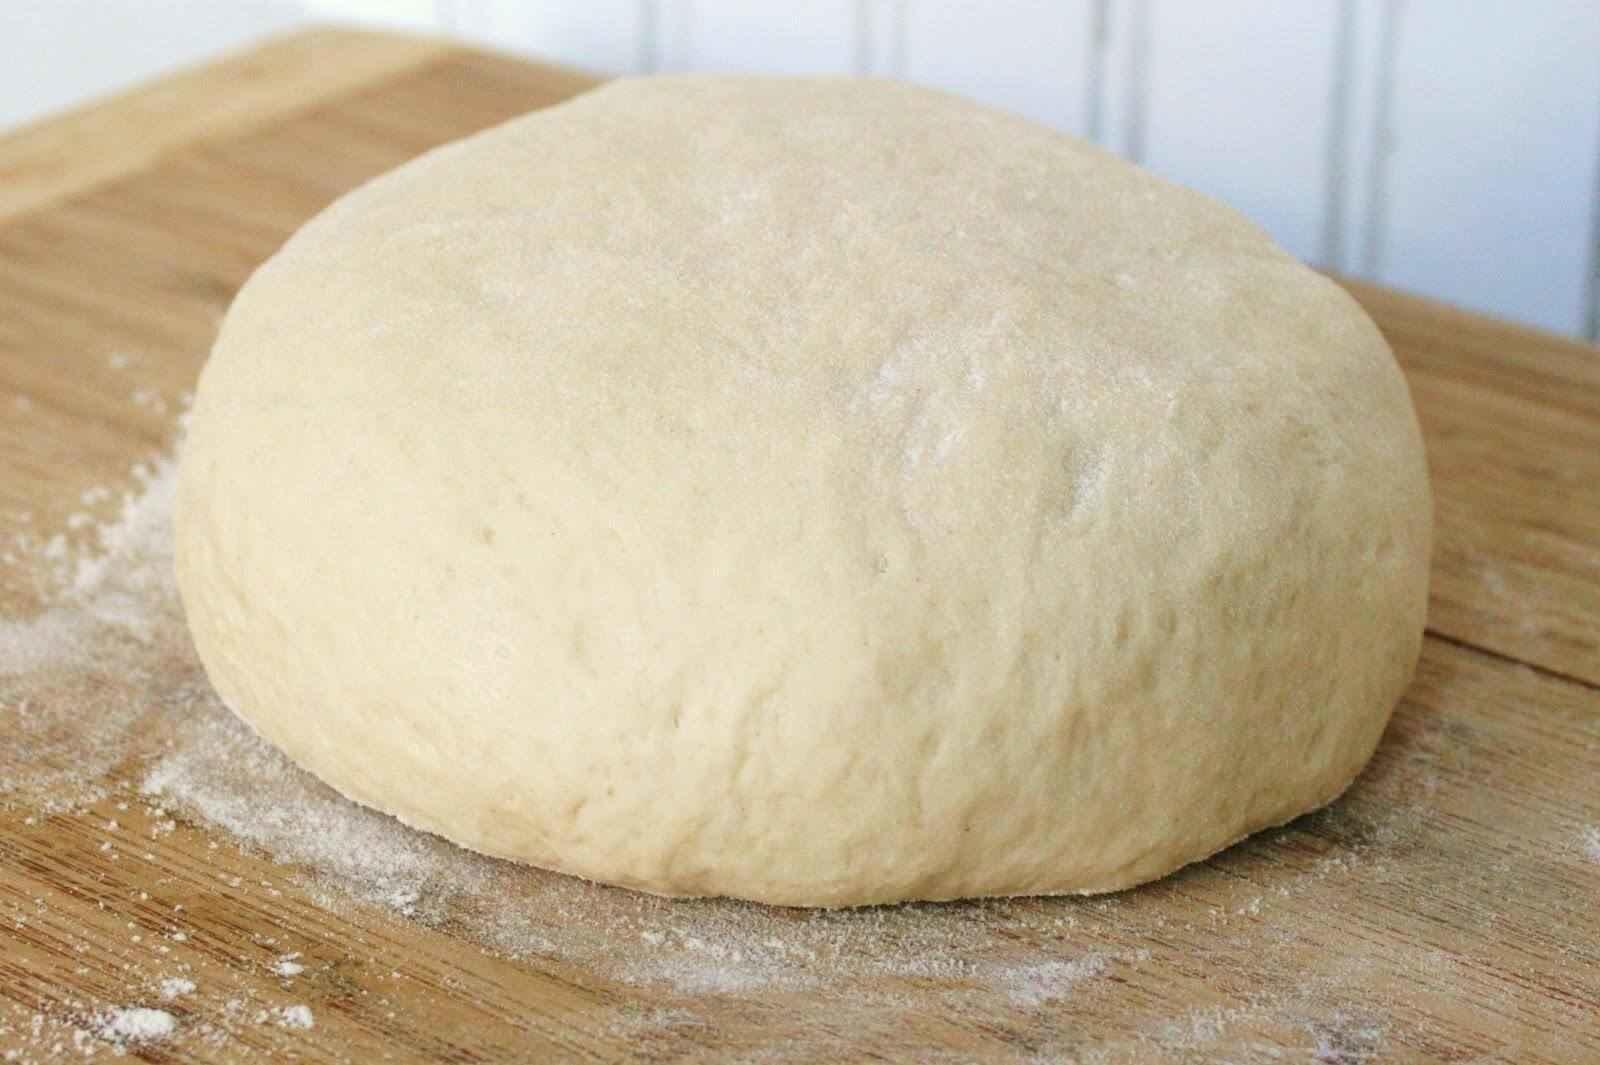 Тесто для булочек с сухими дрожжами: для пирожков дрожжевое, быстрое тесто для пирожков в духовке, жареные пирожки с фото, видео